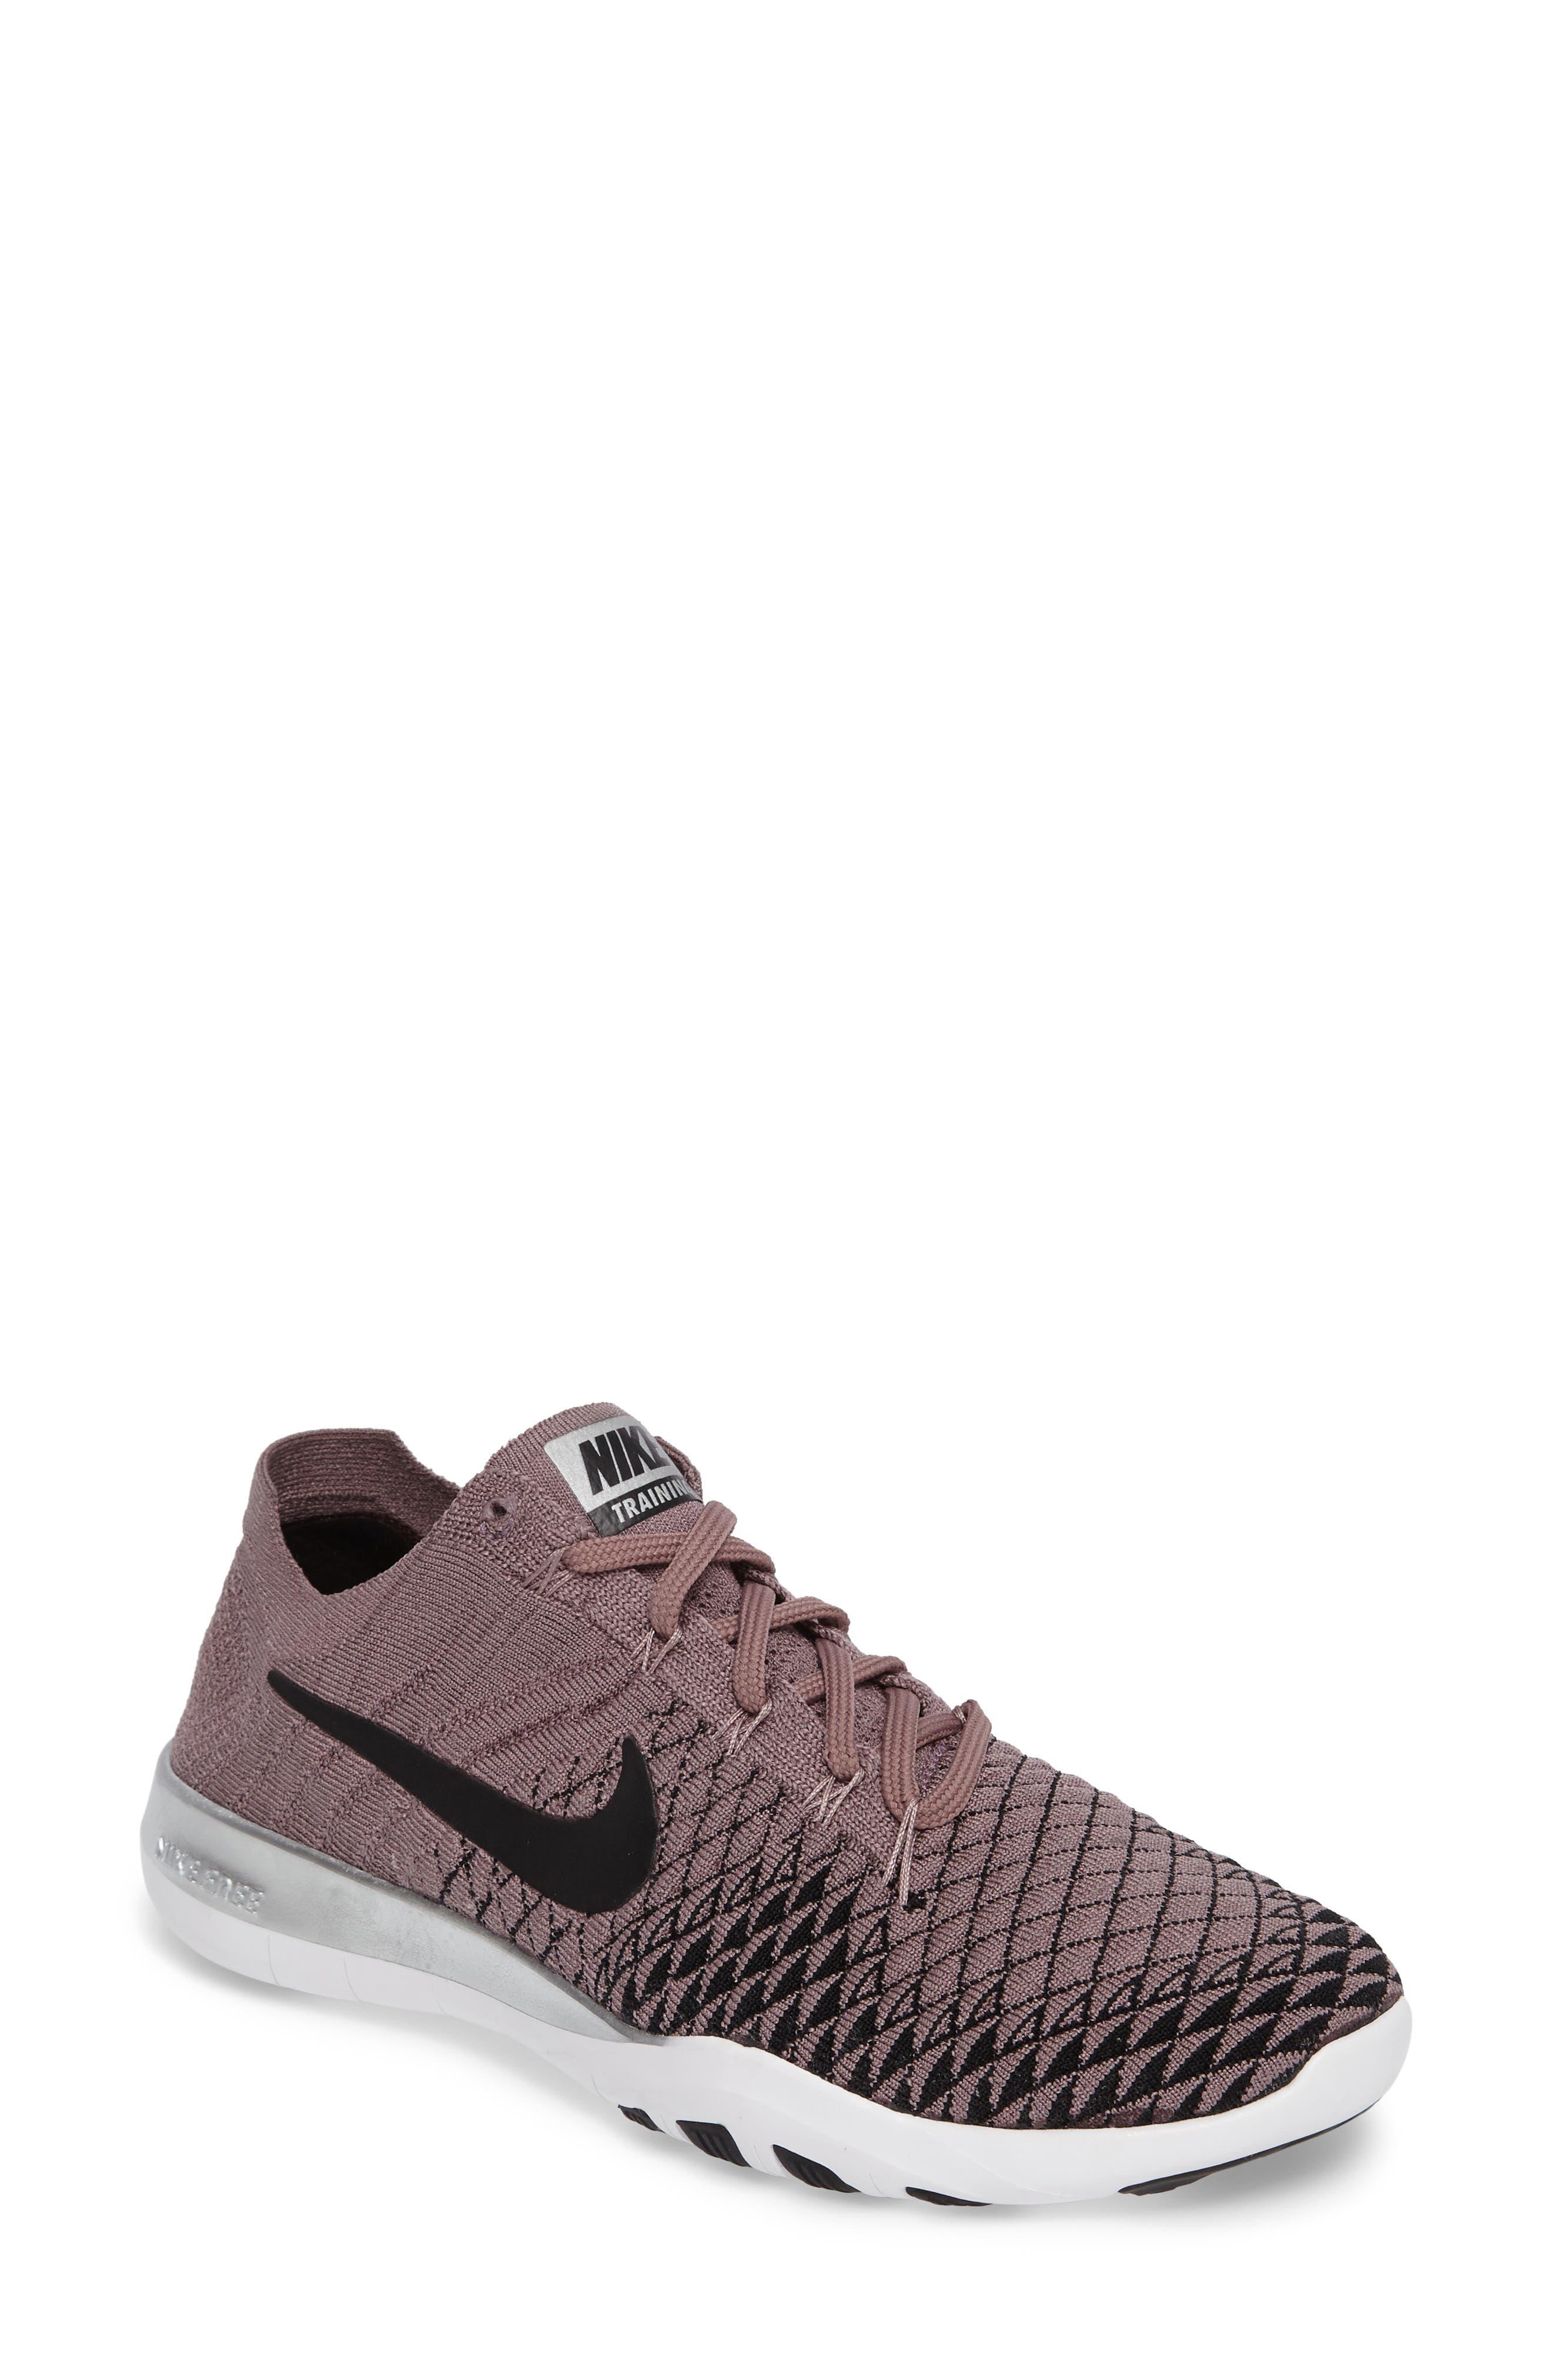 Nike Free Focus Flyknit 2 Bionic Training Shoe (Women)